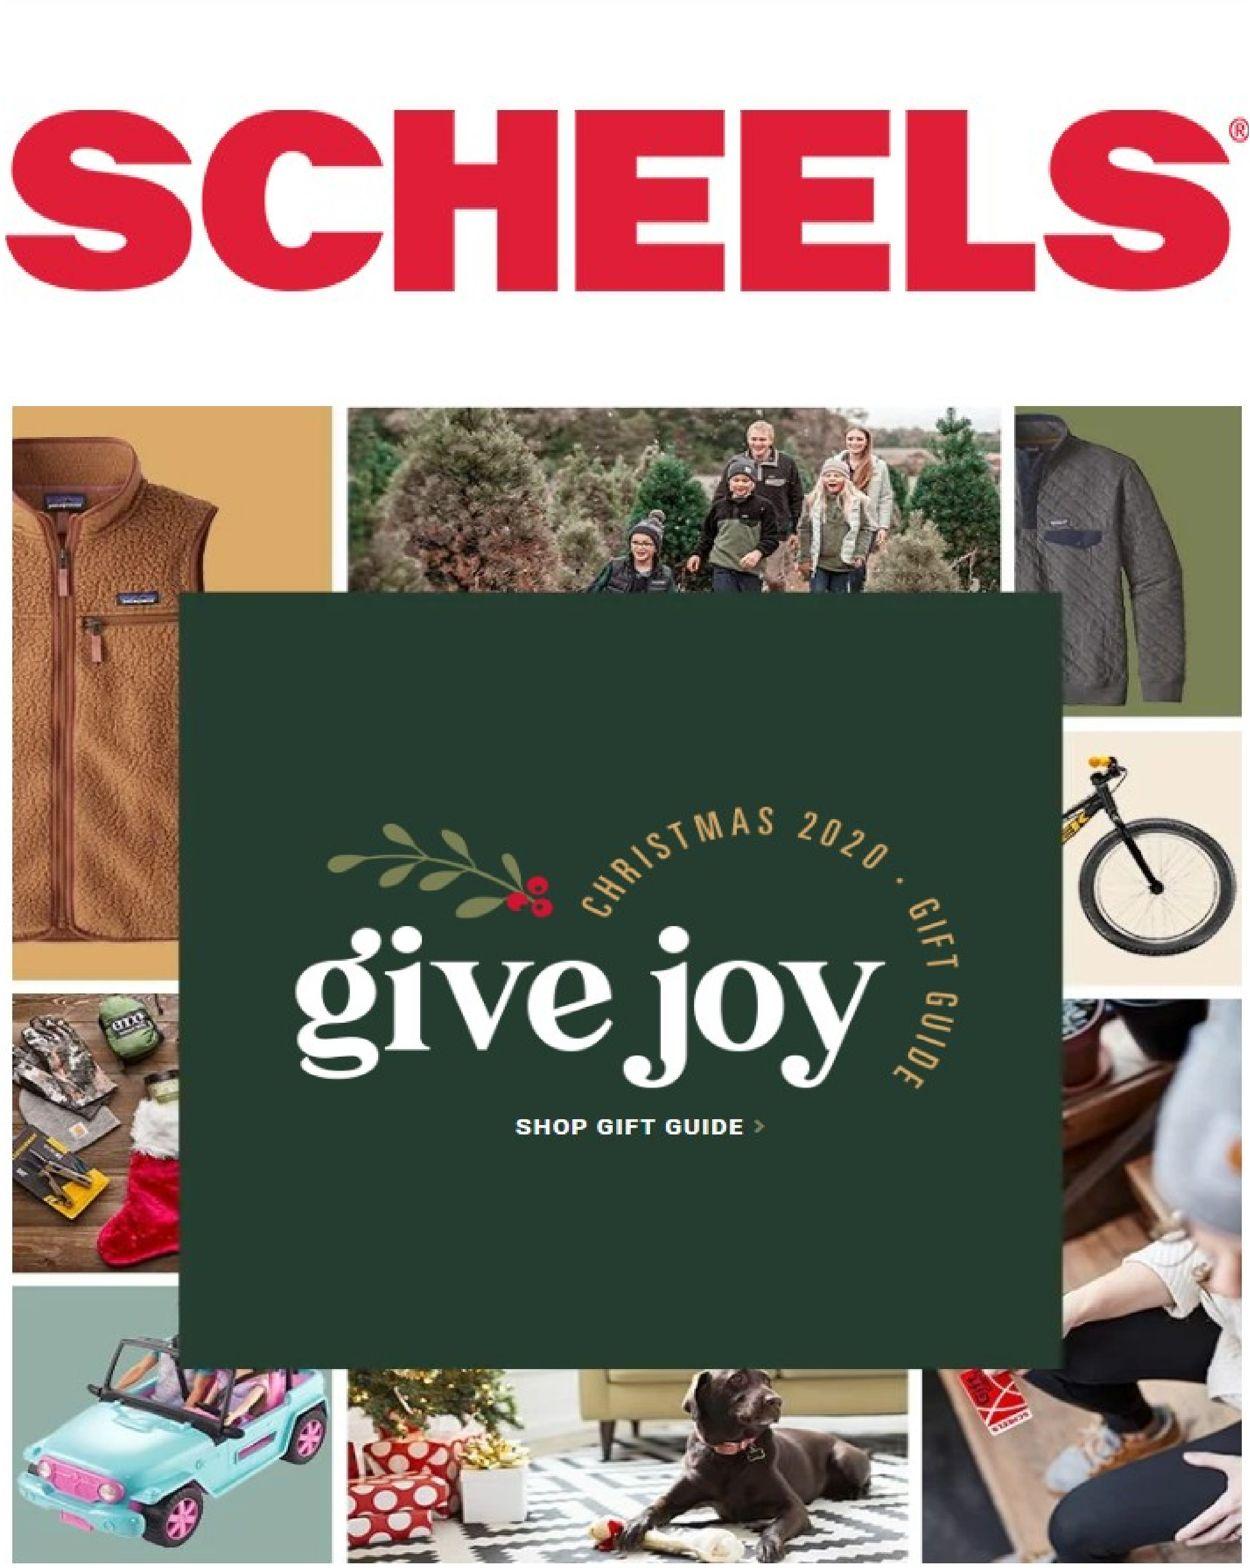 Catalogue Scheels Christmas 2020 from 12/03/2020